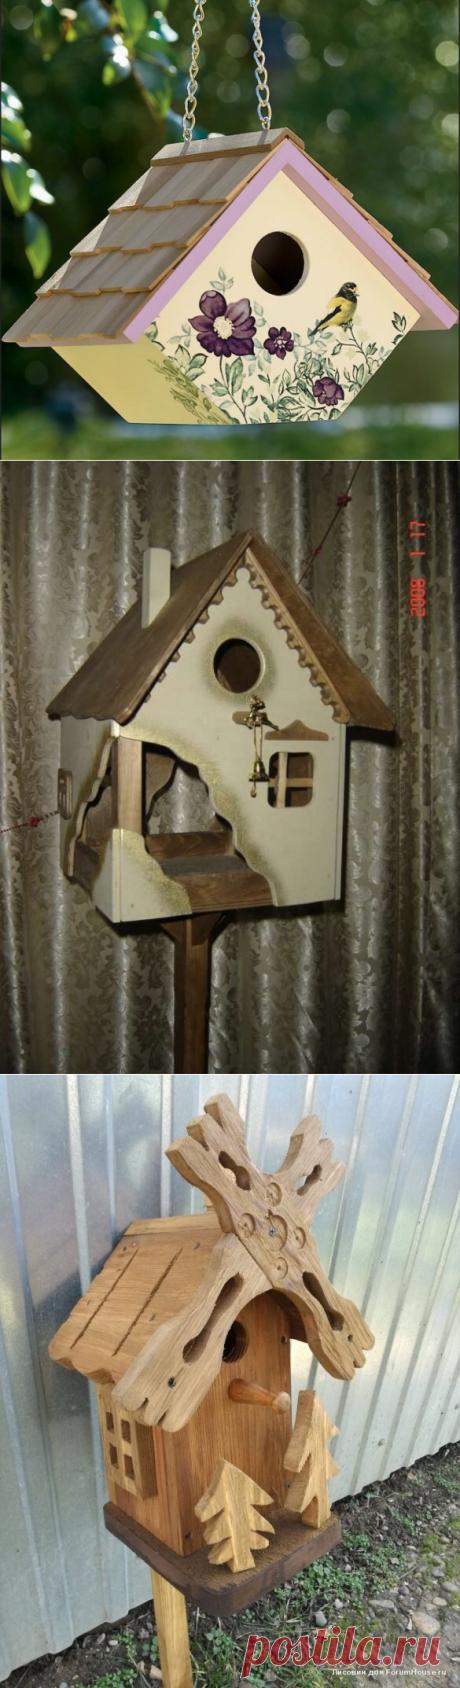 Птичьи коттеджи: идеи красивых скворечников своими руками | FORUMHOUSE | Яндекс Дзен